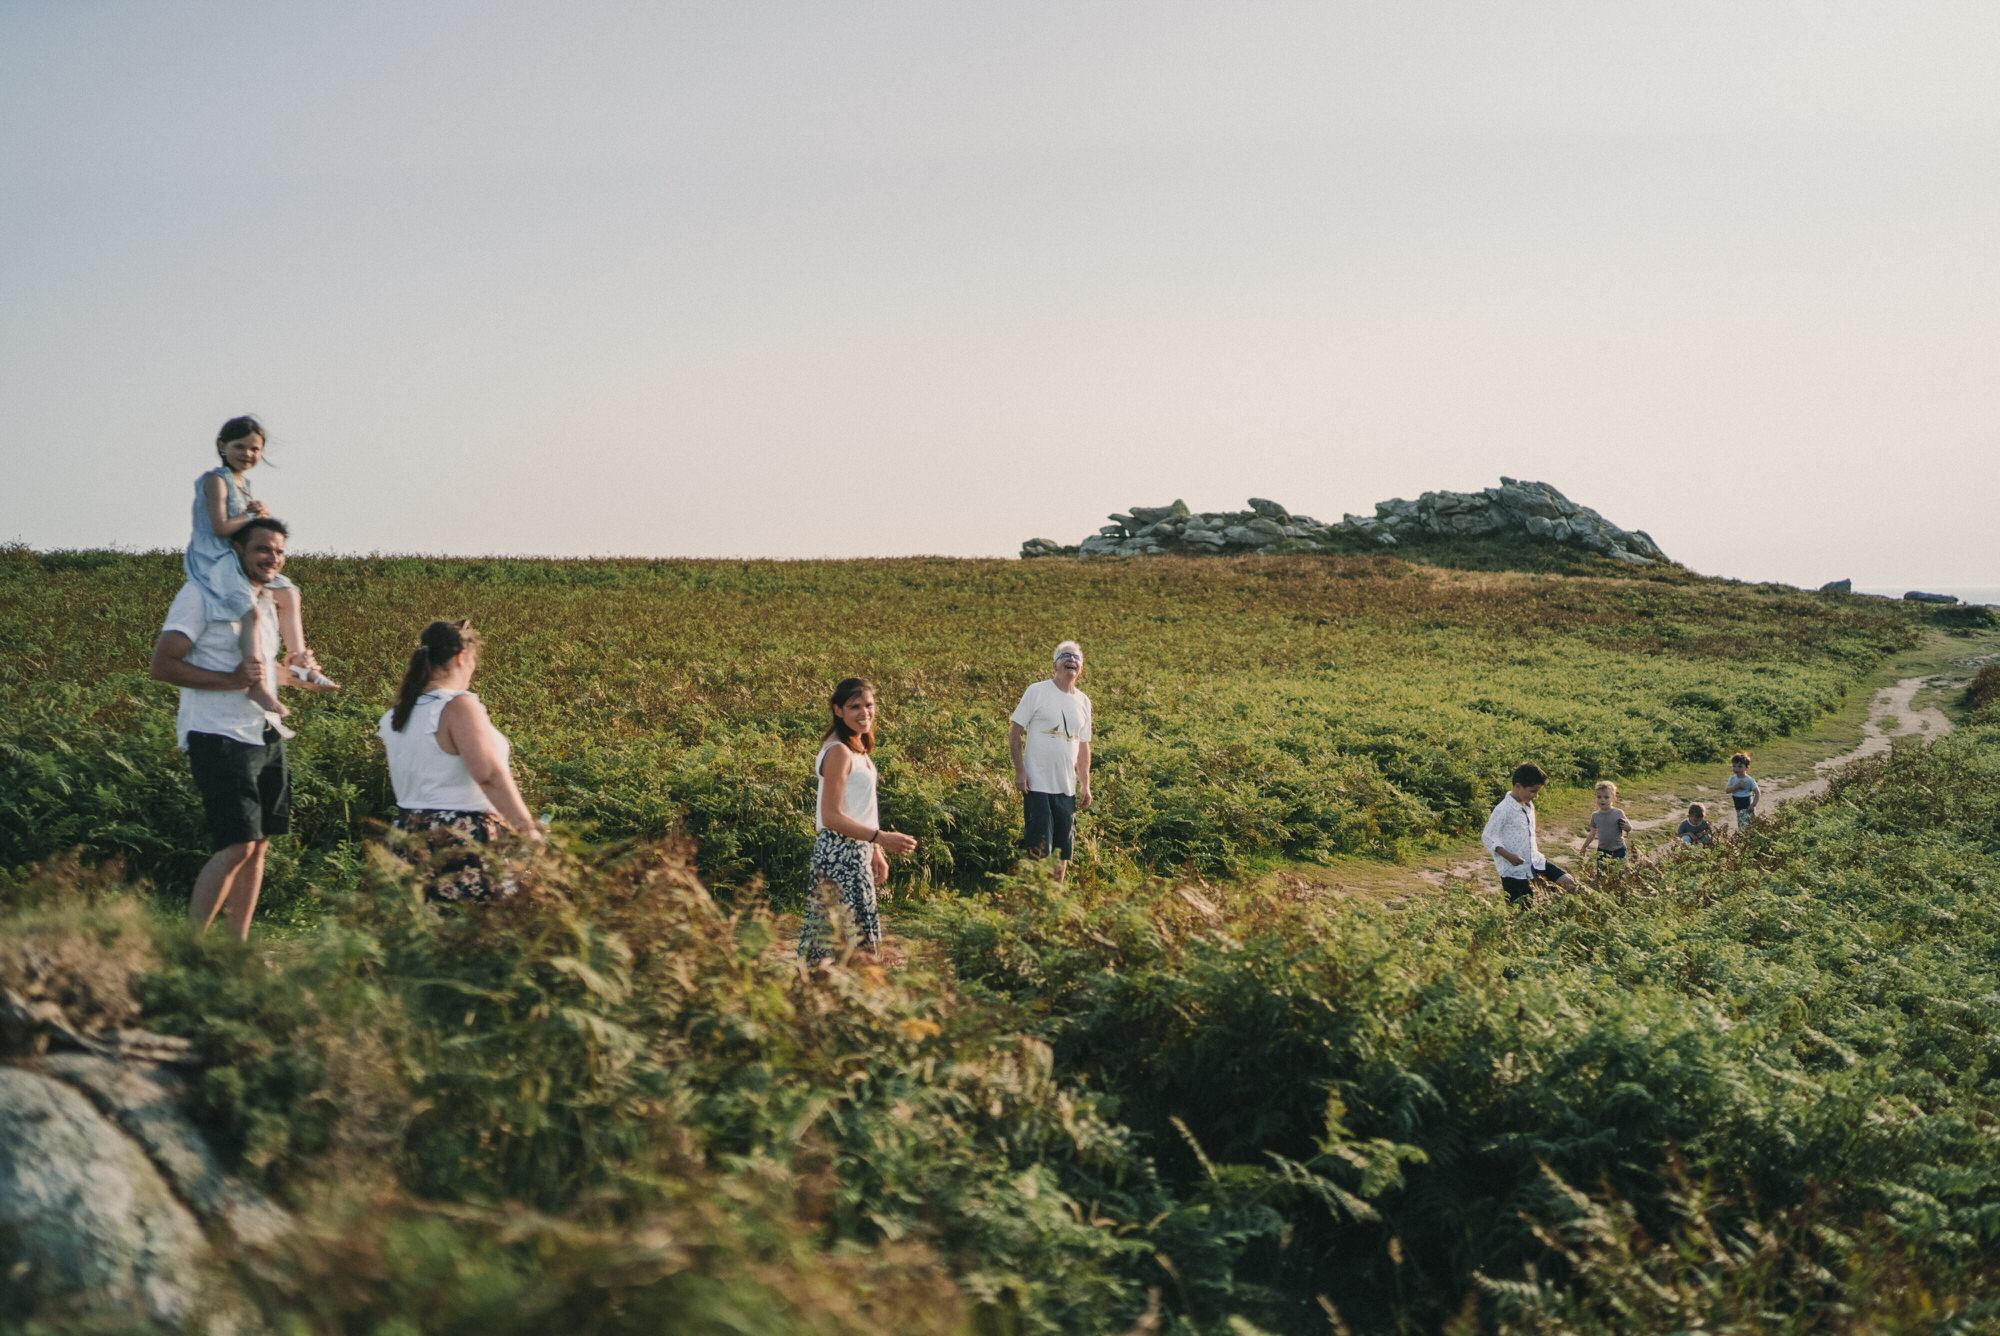 2021.07.20 Photo De Famille A Porspoder En Bretagne Par Antoine Borzeix 110, Photographe & Videaste à Brest / Finistère